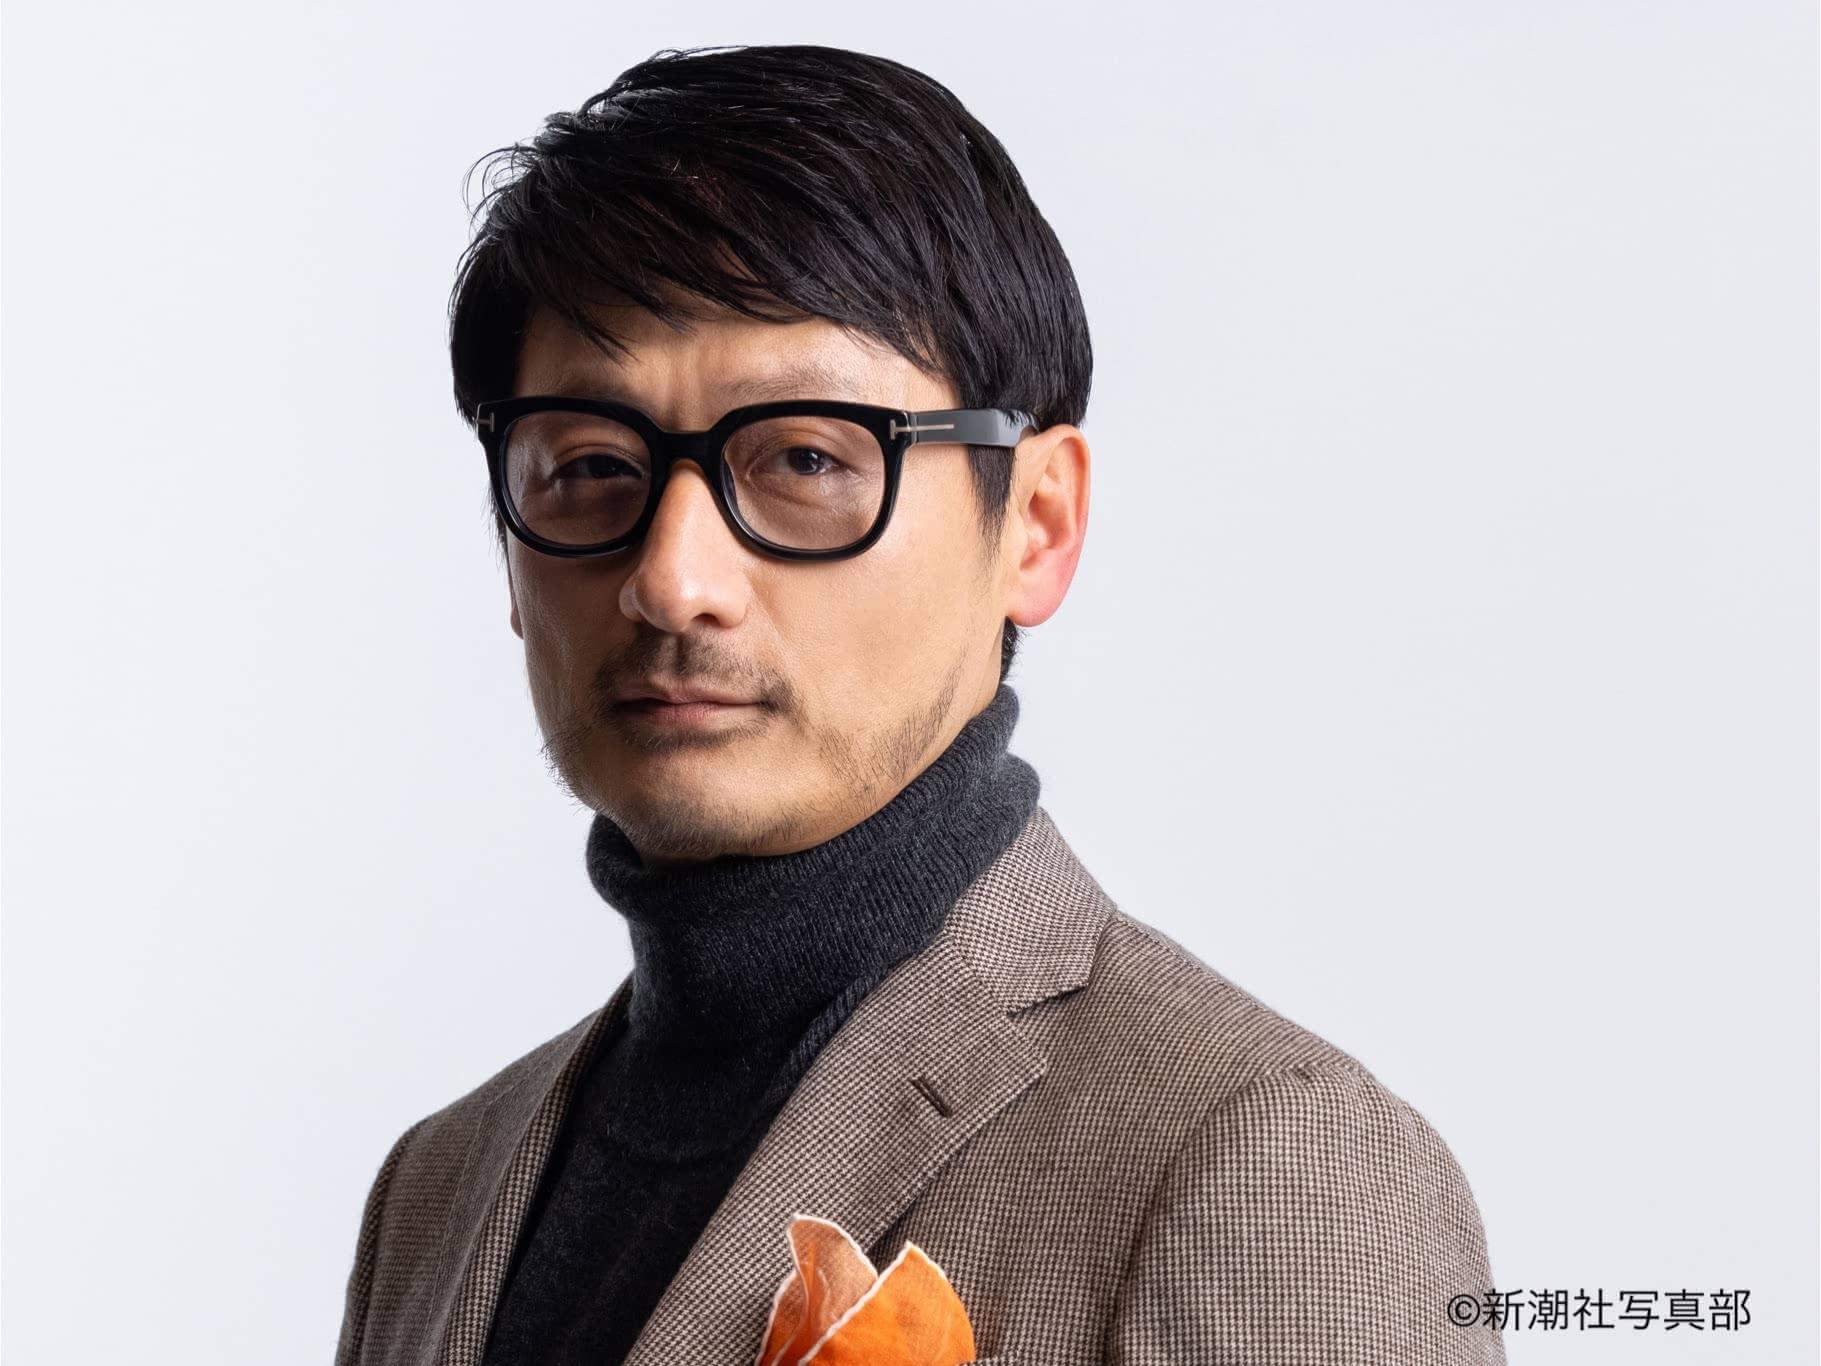 ラジオドーナツゲスト・松尾潔さん